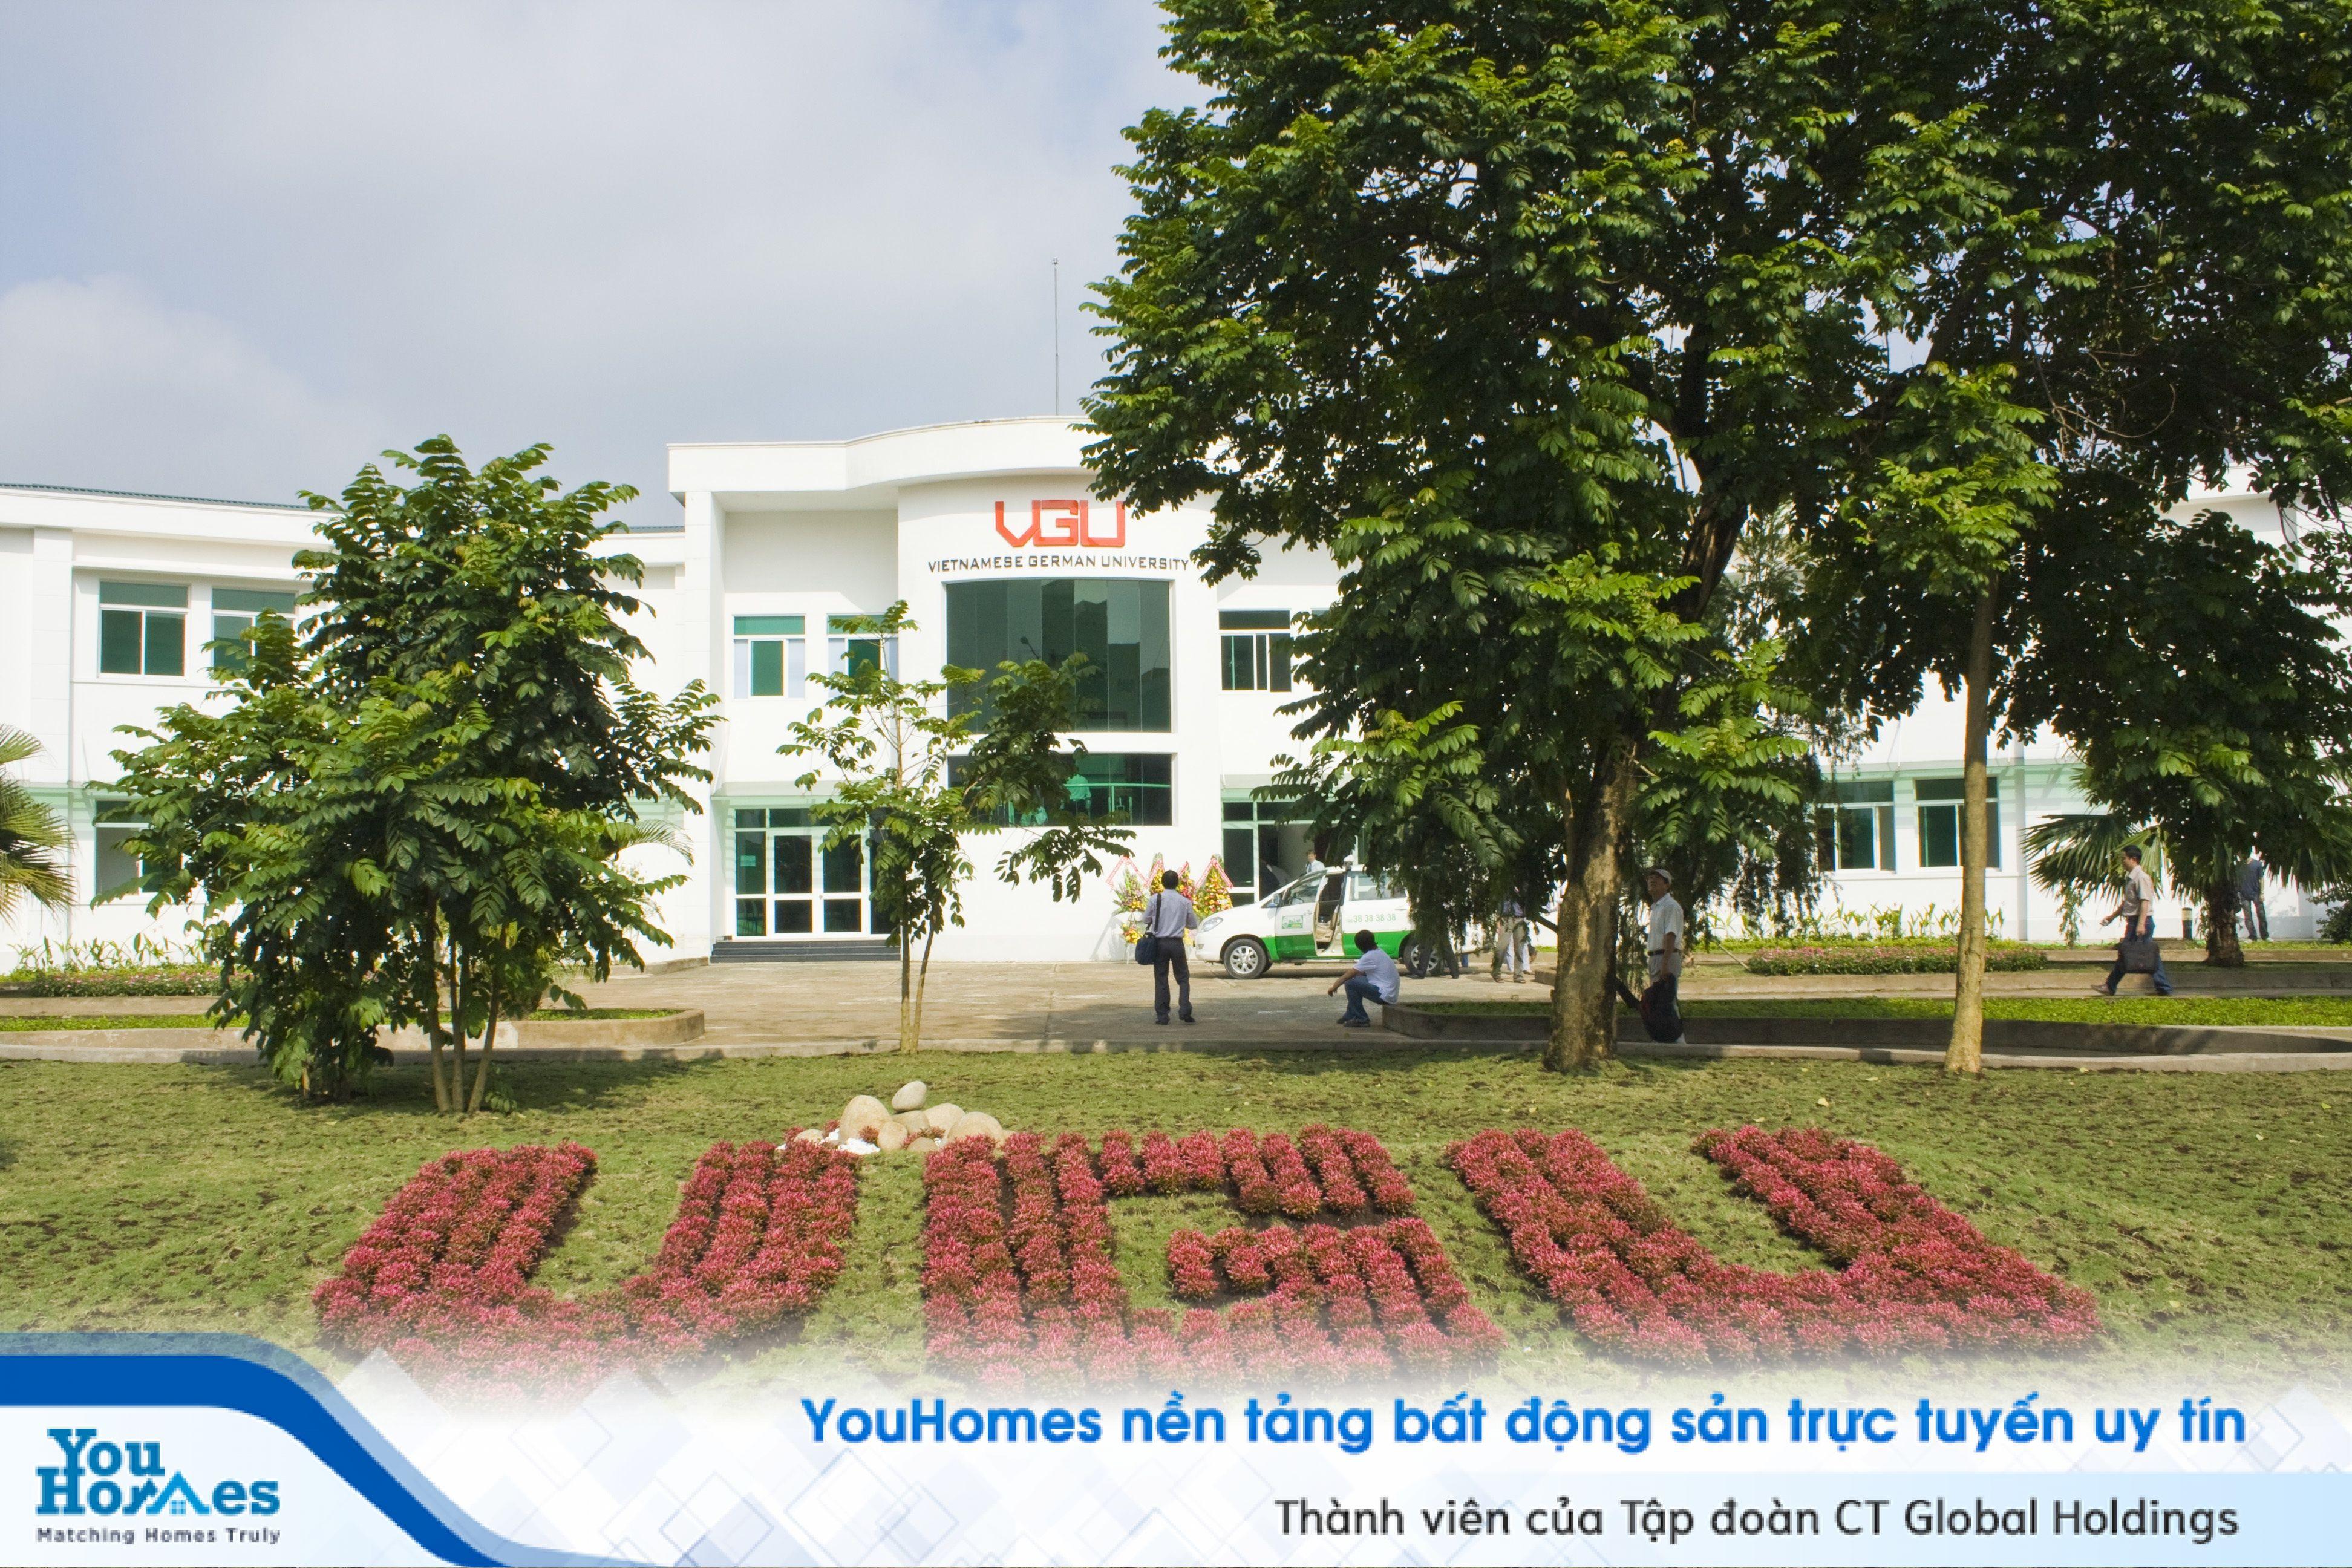 Bình Dương chuẩn bị khai trương trường Đại học quốc tế lớn hàng đầu Việt Nam